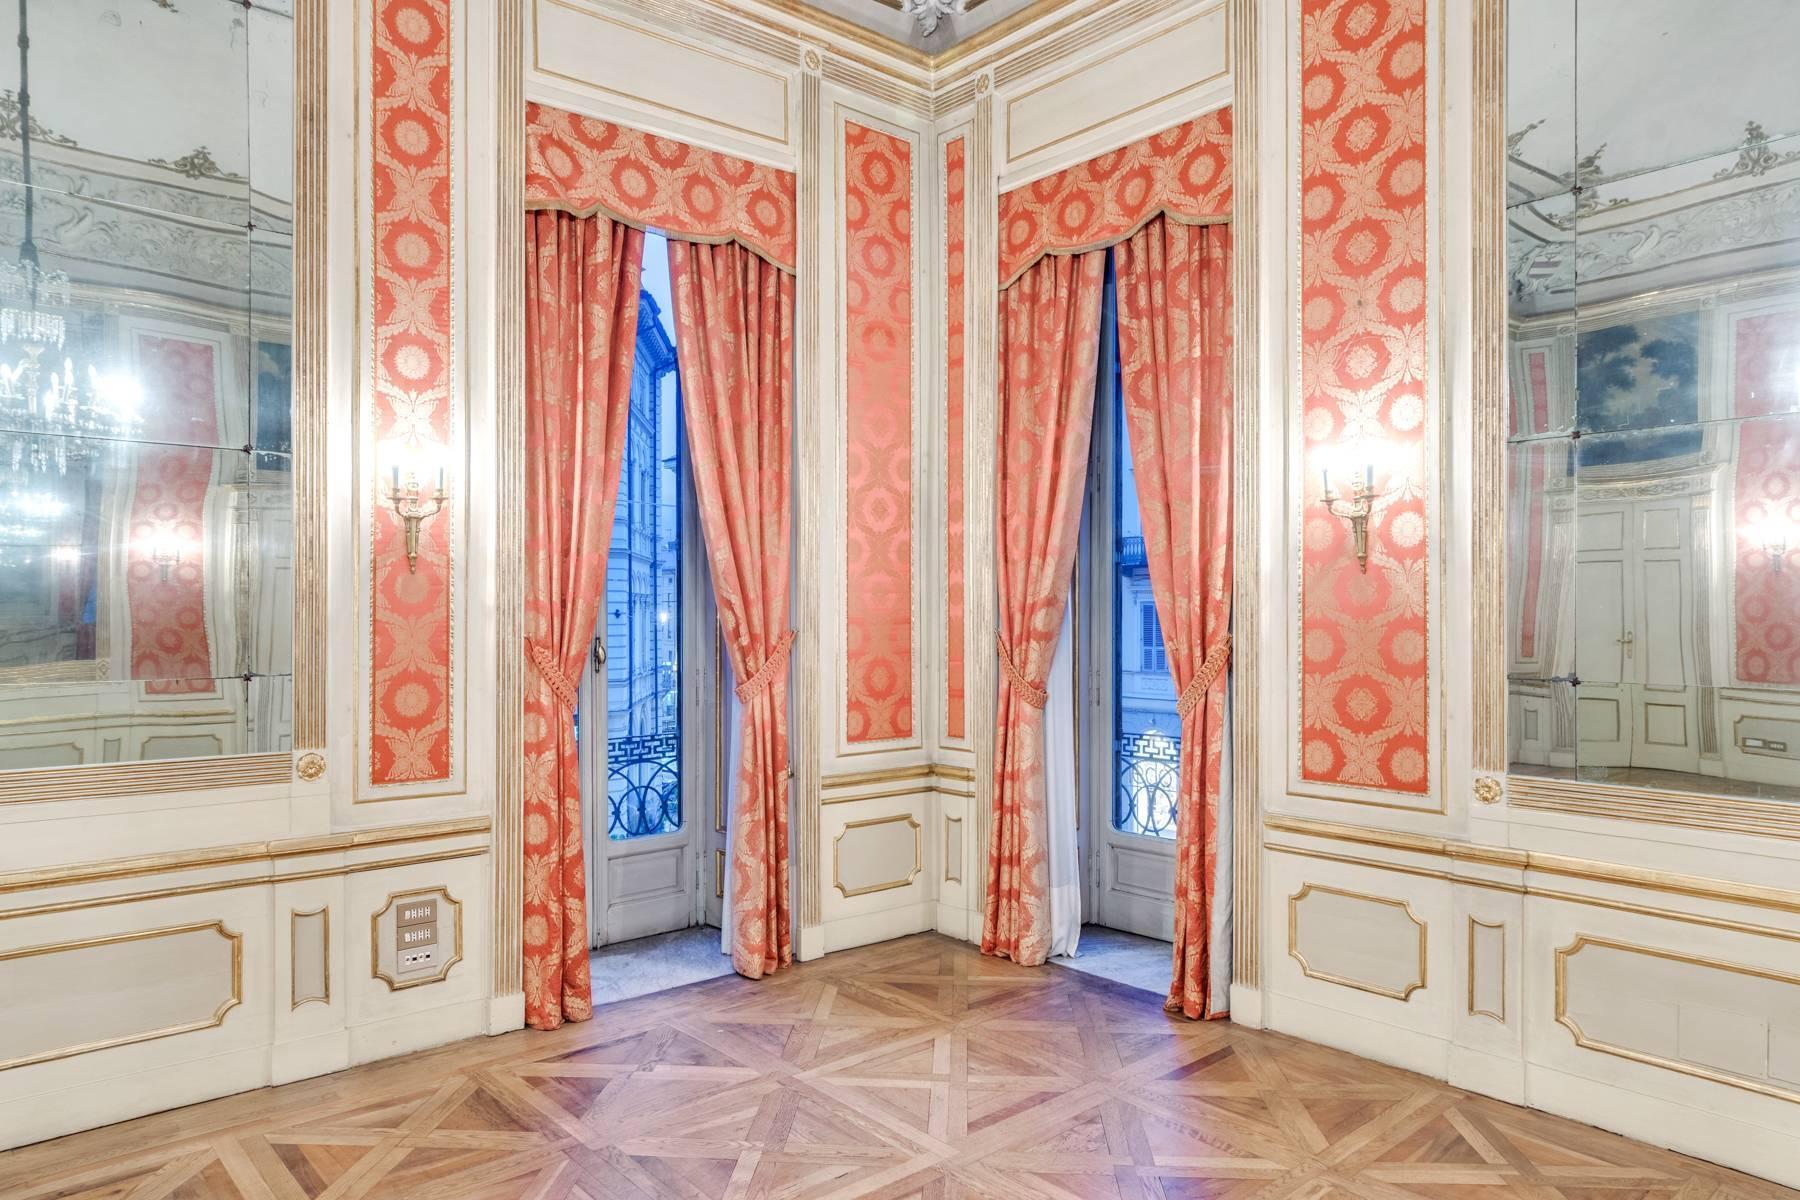 Appartement élégant dans un palais historique - 17